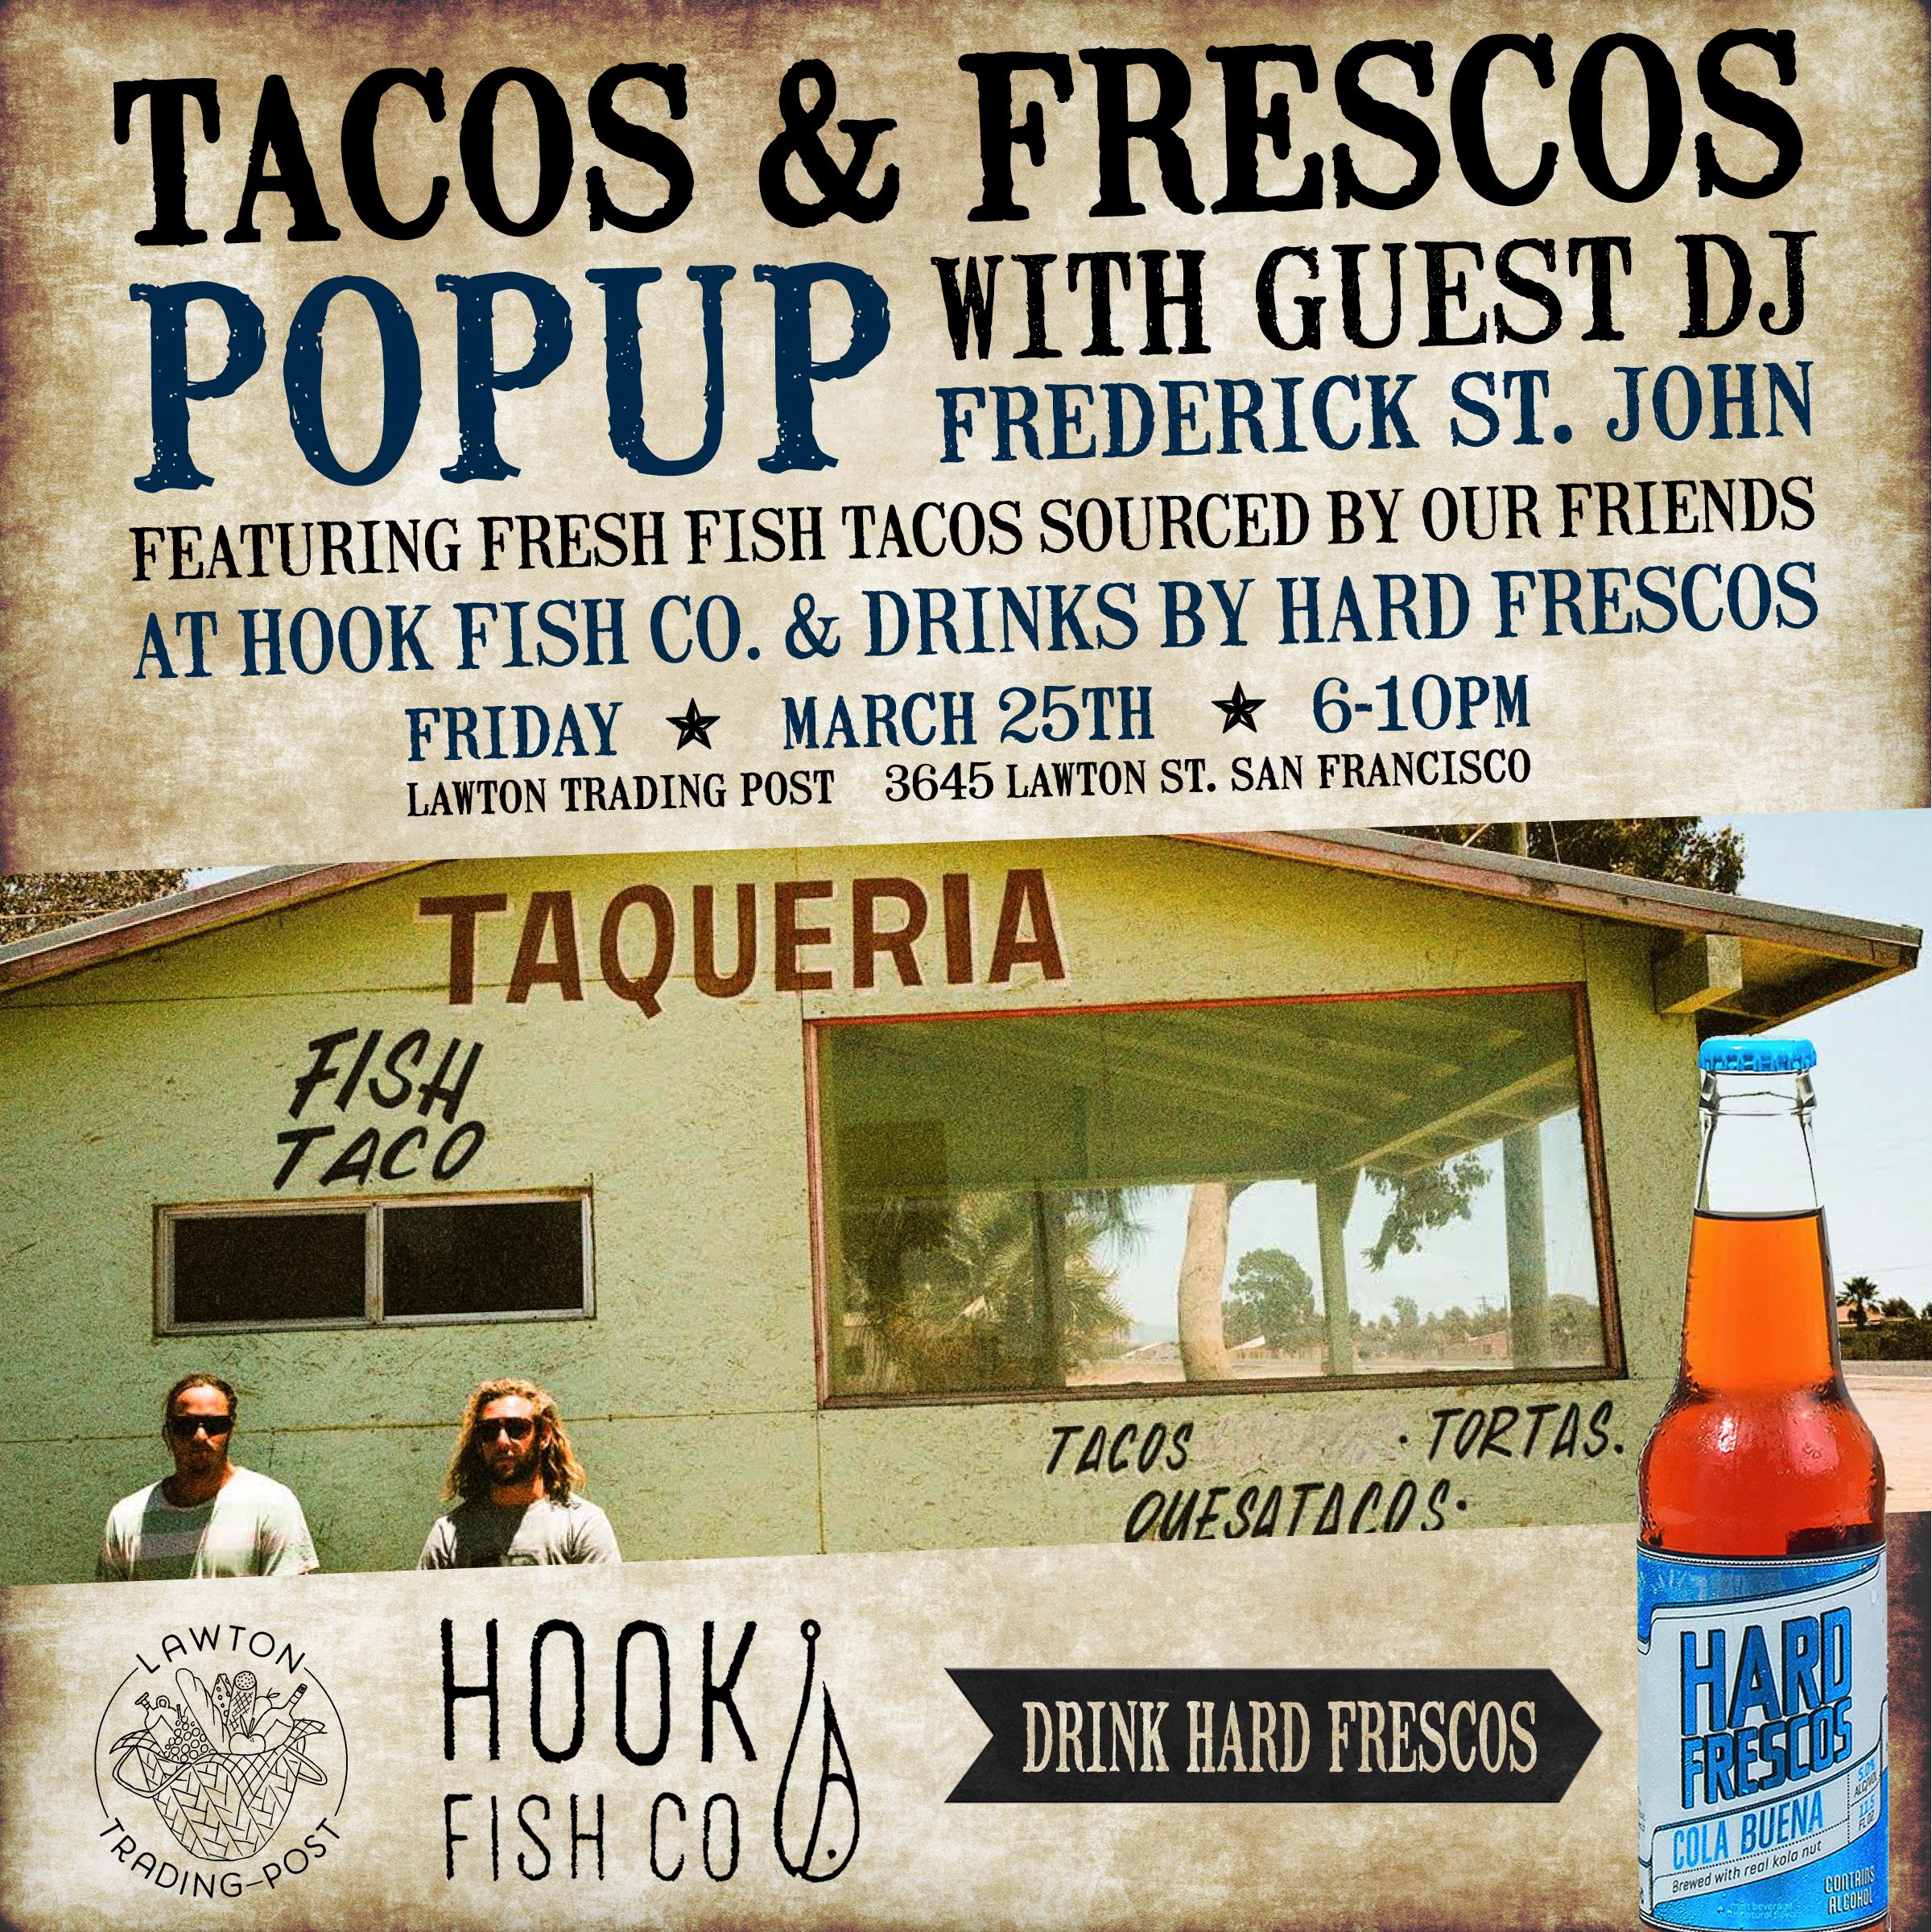 Tacos & Frescos Instagram.jpg